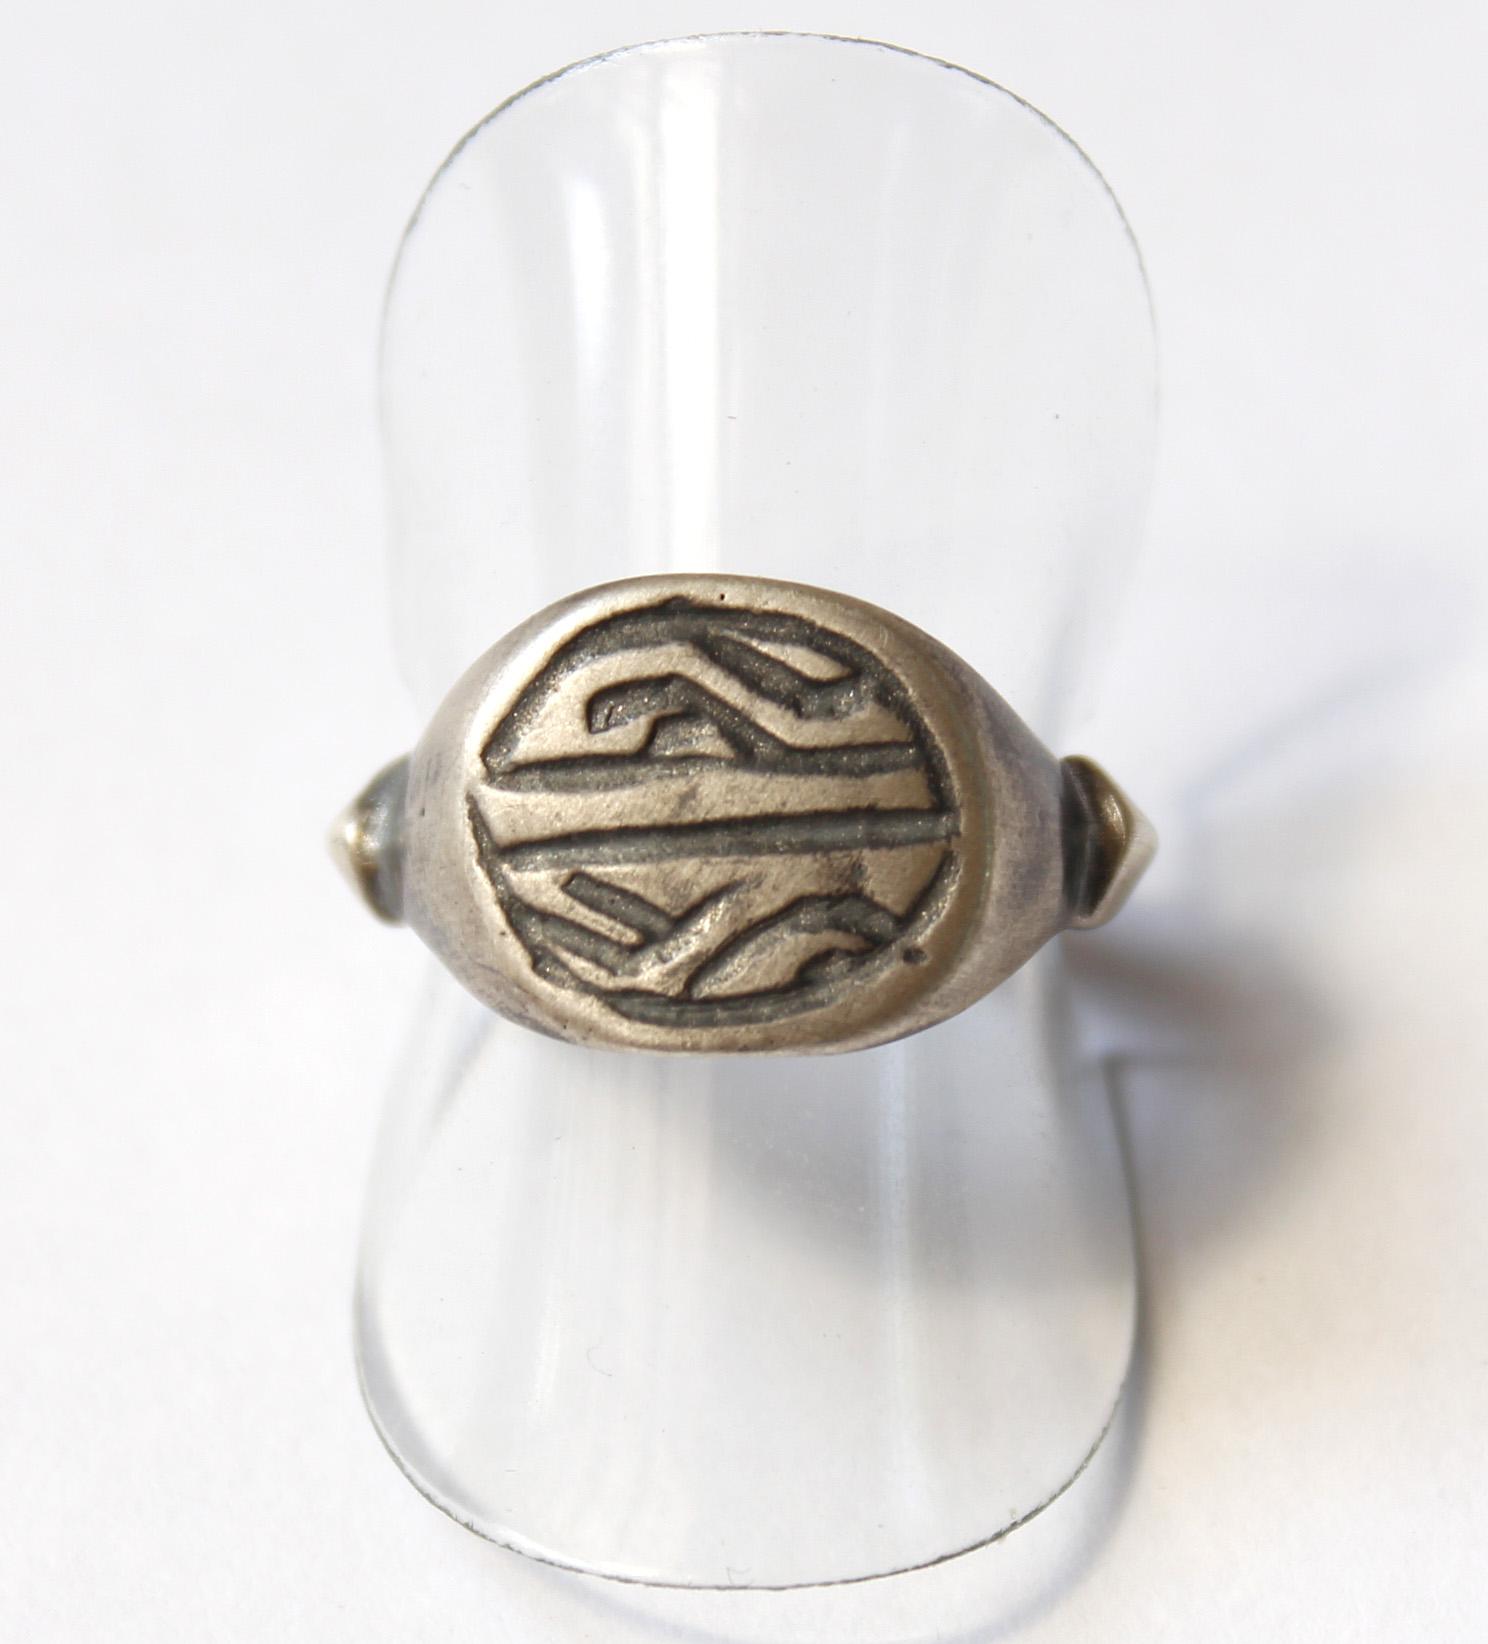 טבעת חותם עתיקה מהתקופה הרומית ביזנטית R120